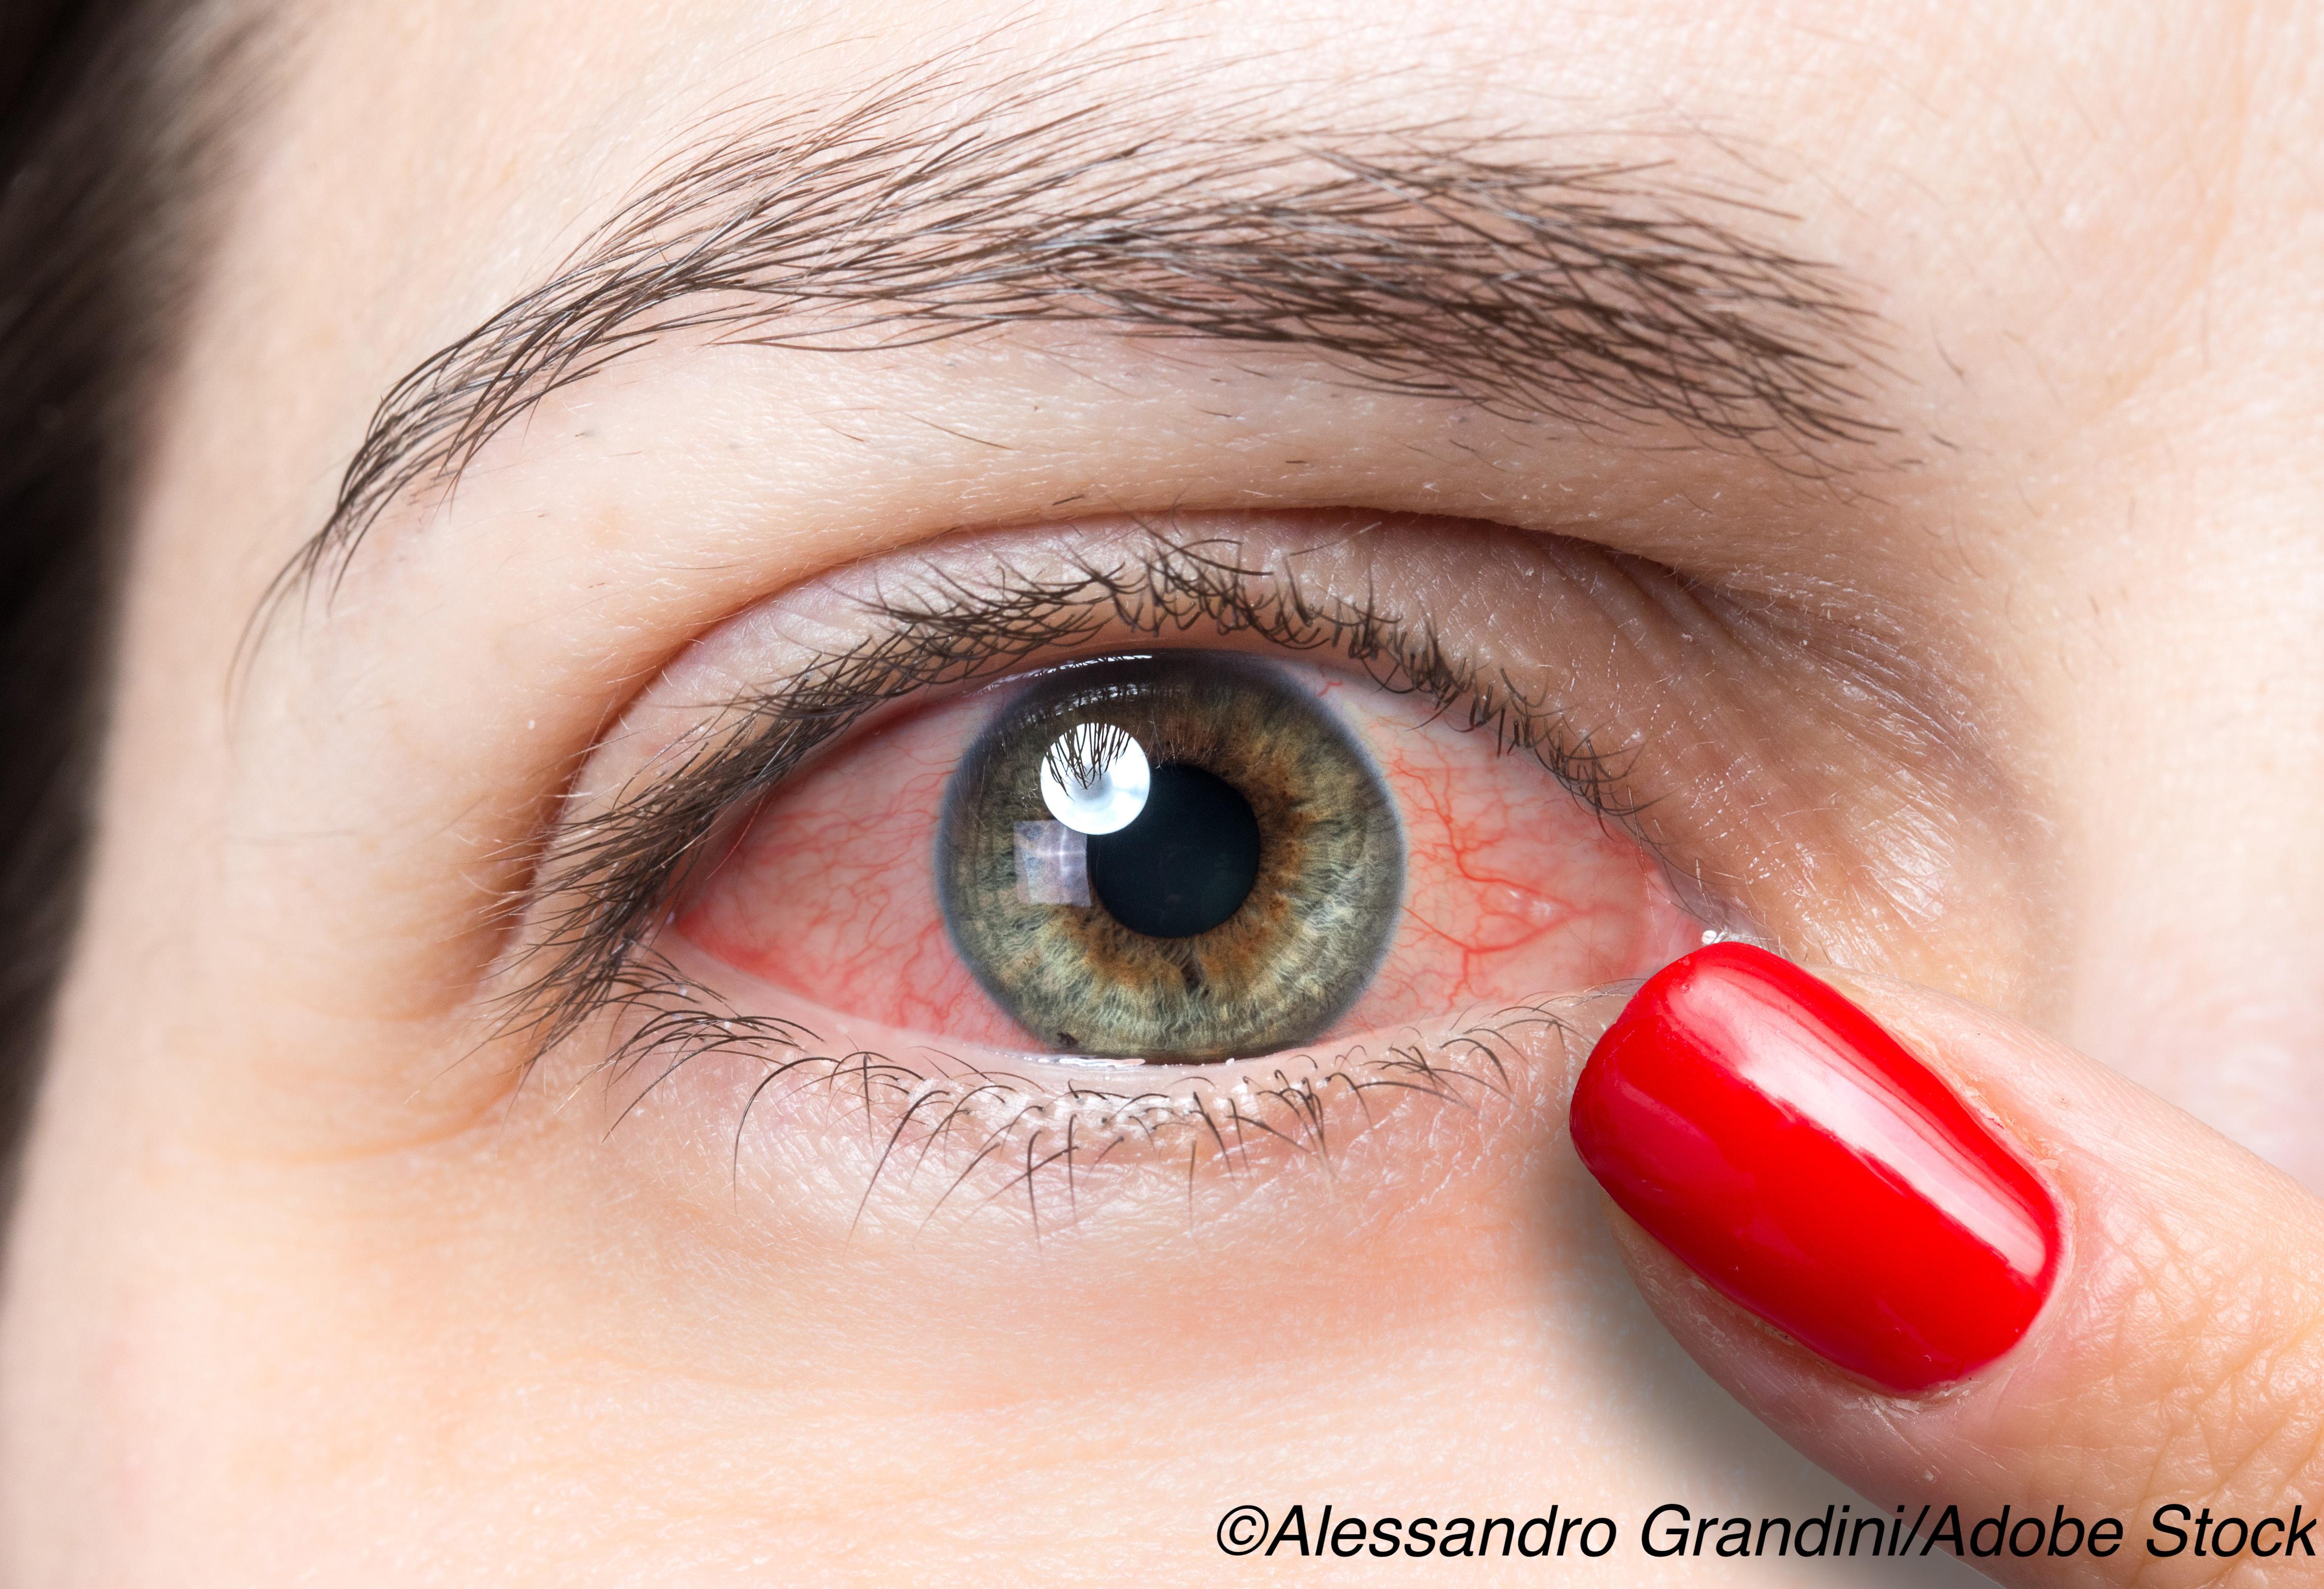 Indoor Environment Could Worsen Dry Eye